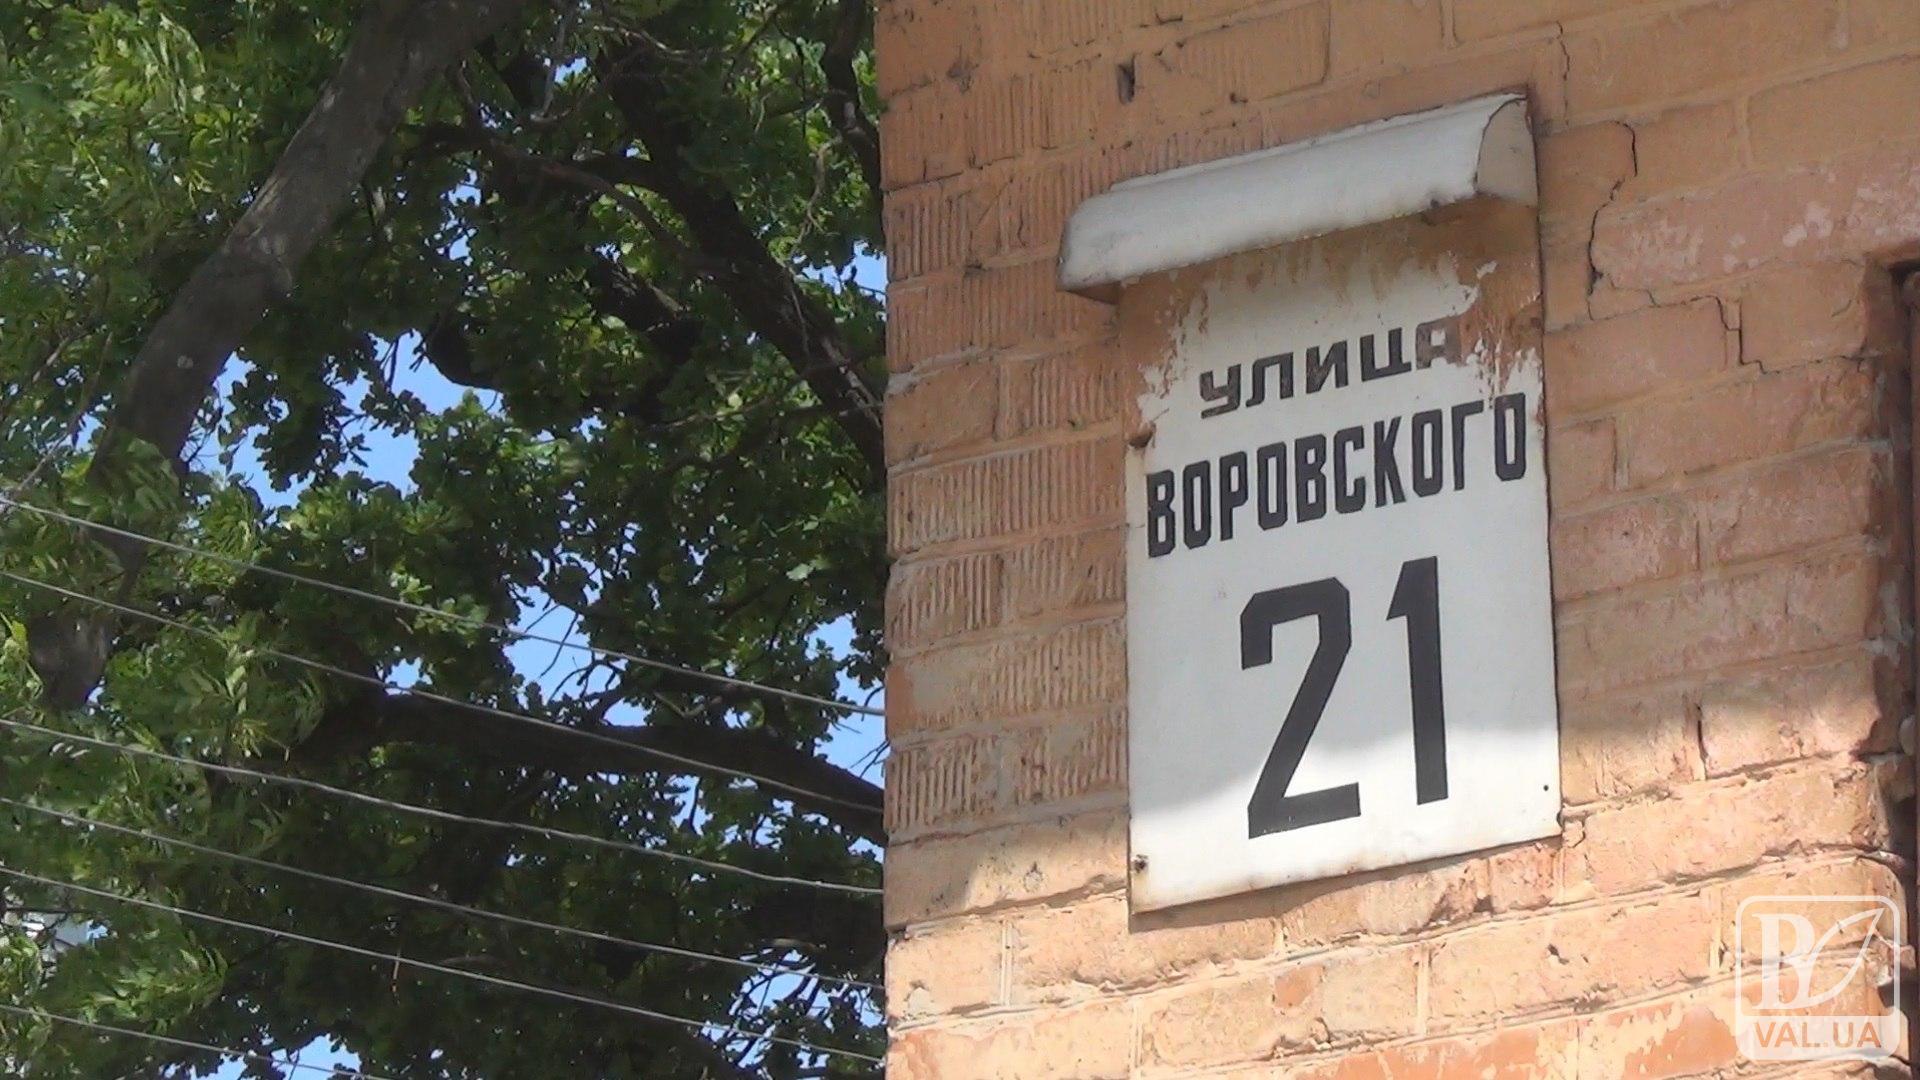 Декоммунизация на бумаге, или когда на улицах Чернигова появятся новые таблички? ВИДЕО